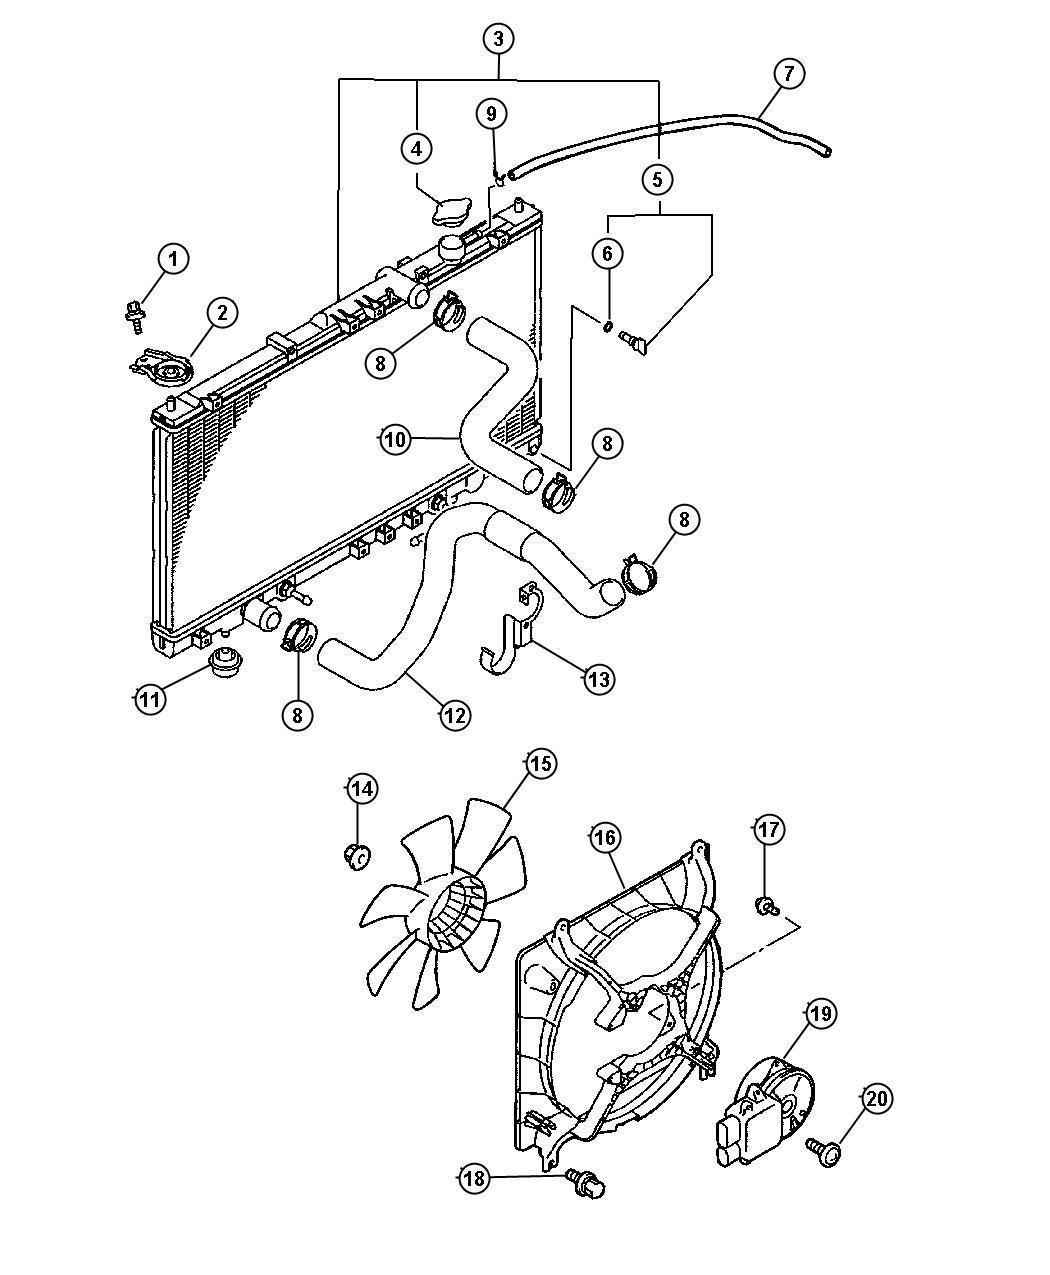 Cool 2003 Isuzu Ascender Wiring Diagram Isuzu Auto Wiring Diagram Auto Wiring Digital Resources Hetepmognl